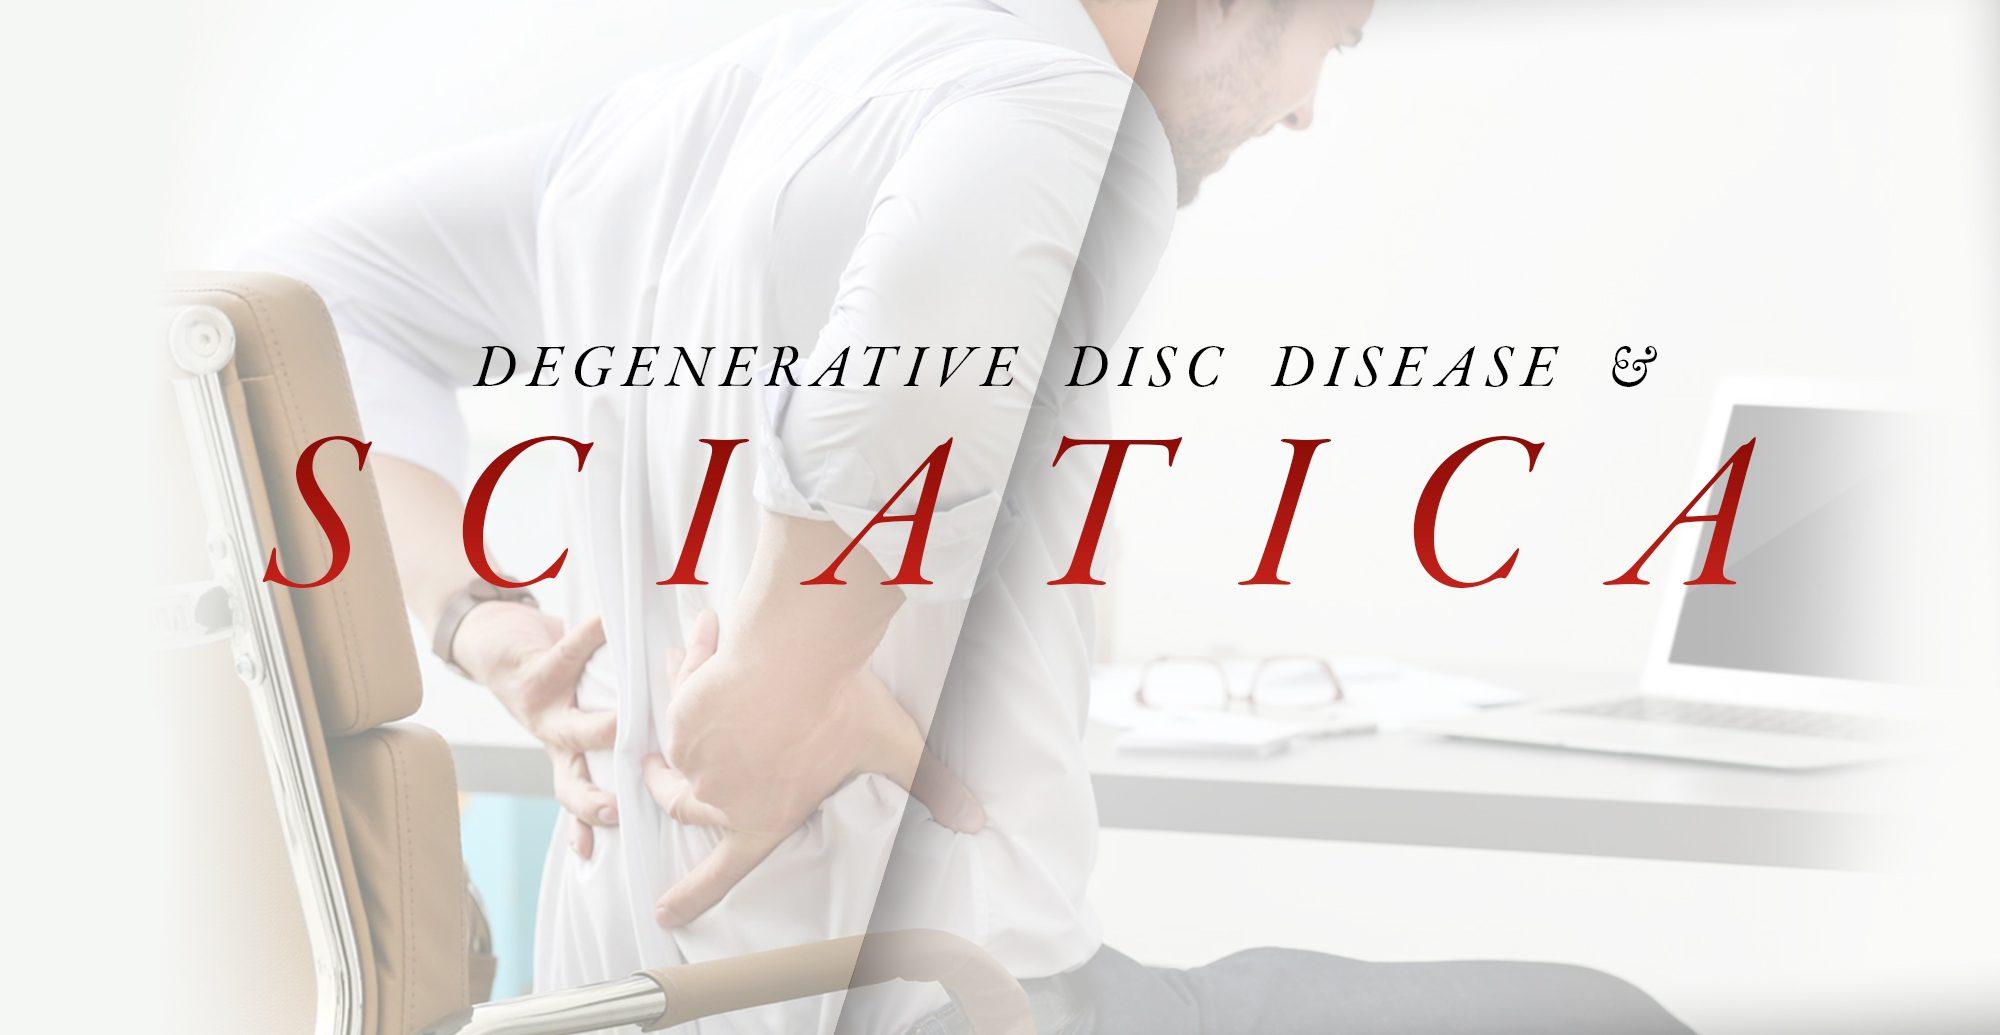 Enfermedad degenerativa del disco y ciática | El Paso, TX Quiropráctico